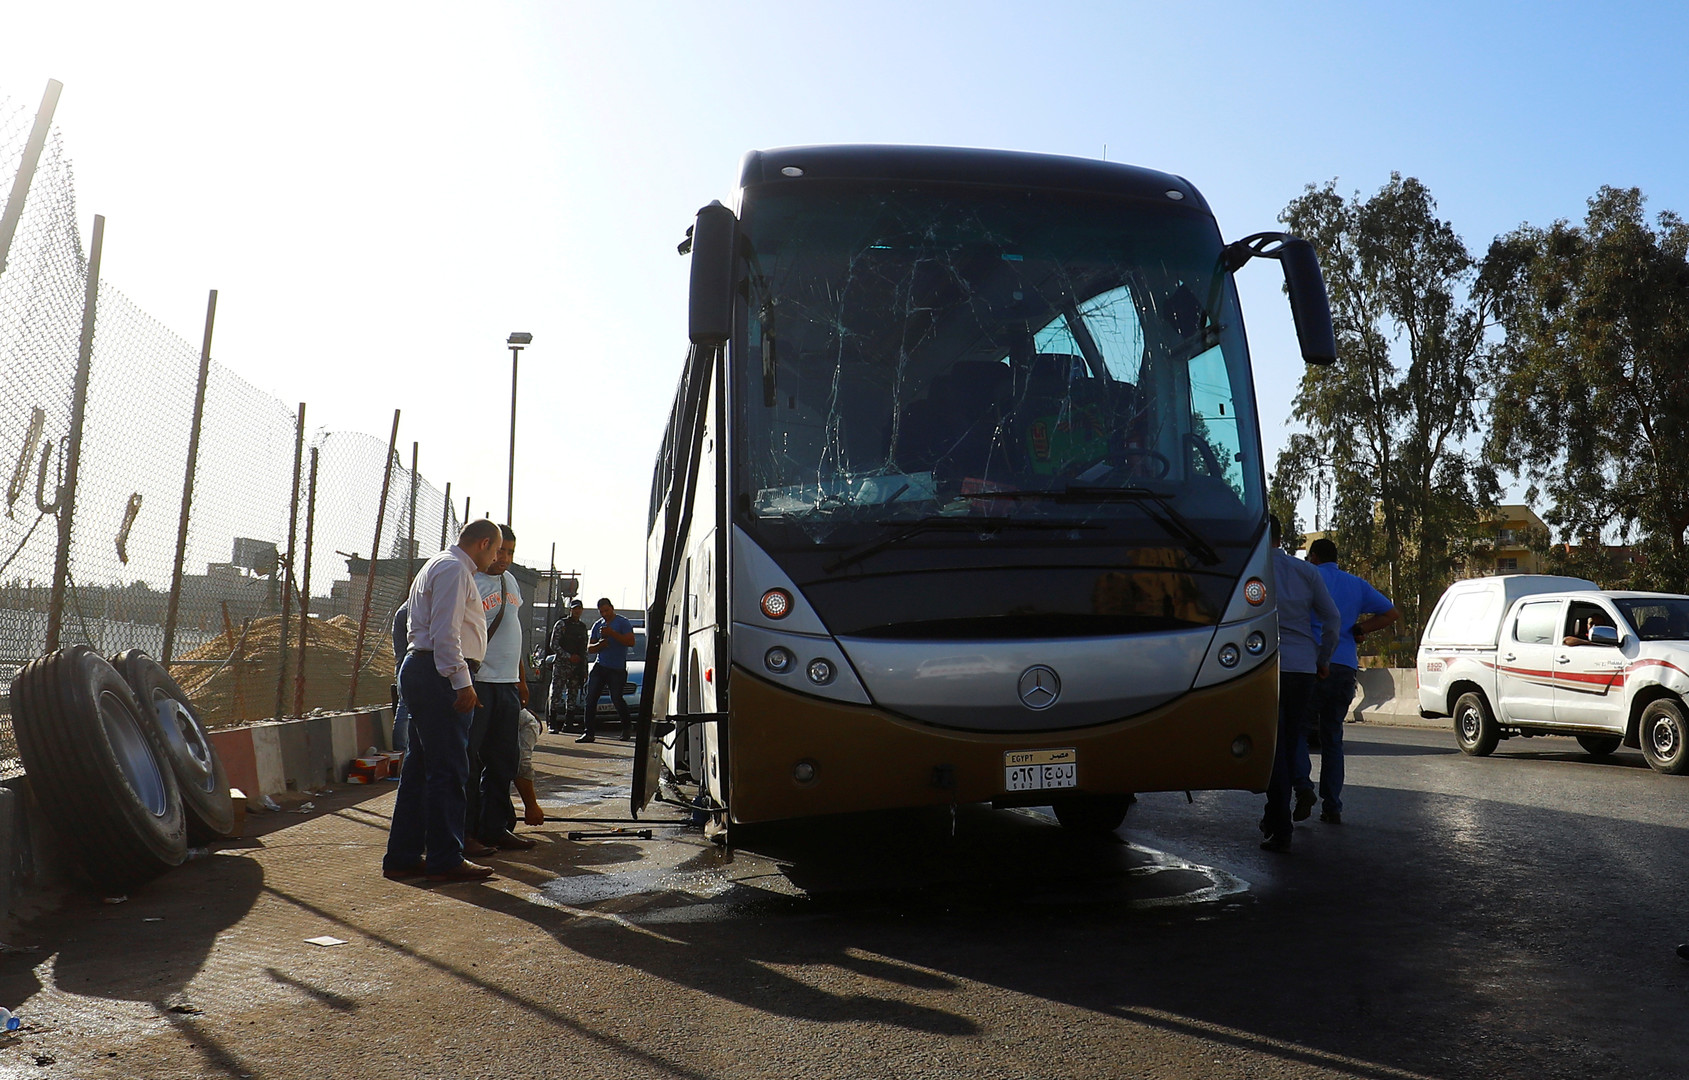 شاهد آثار الانفجار الذي استهدف حافلة سياحية قرب الأهرامات في مصر